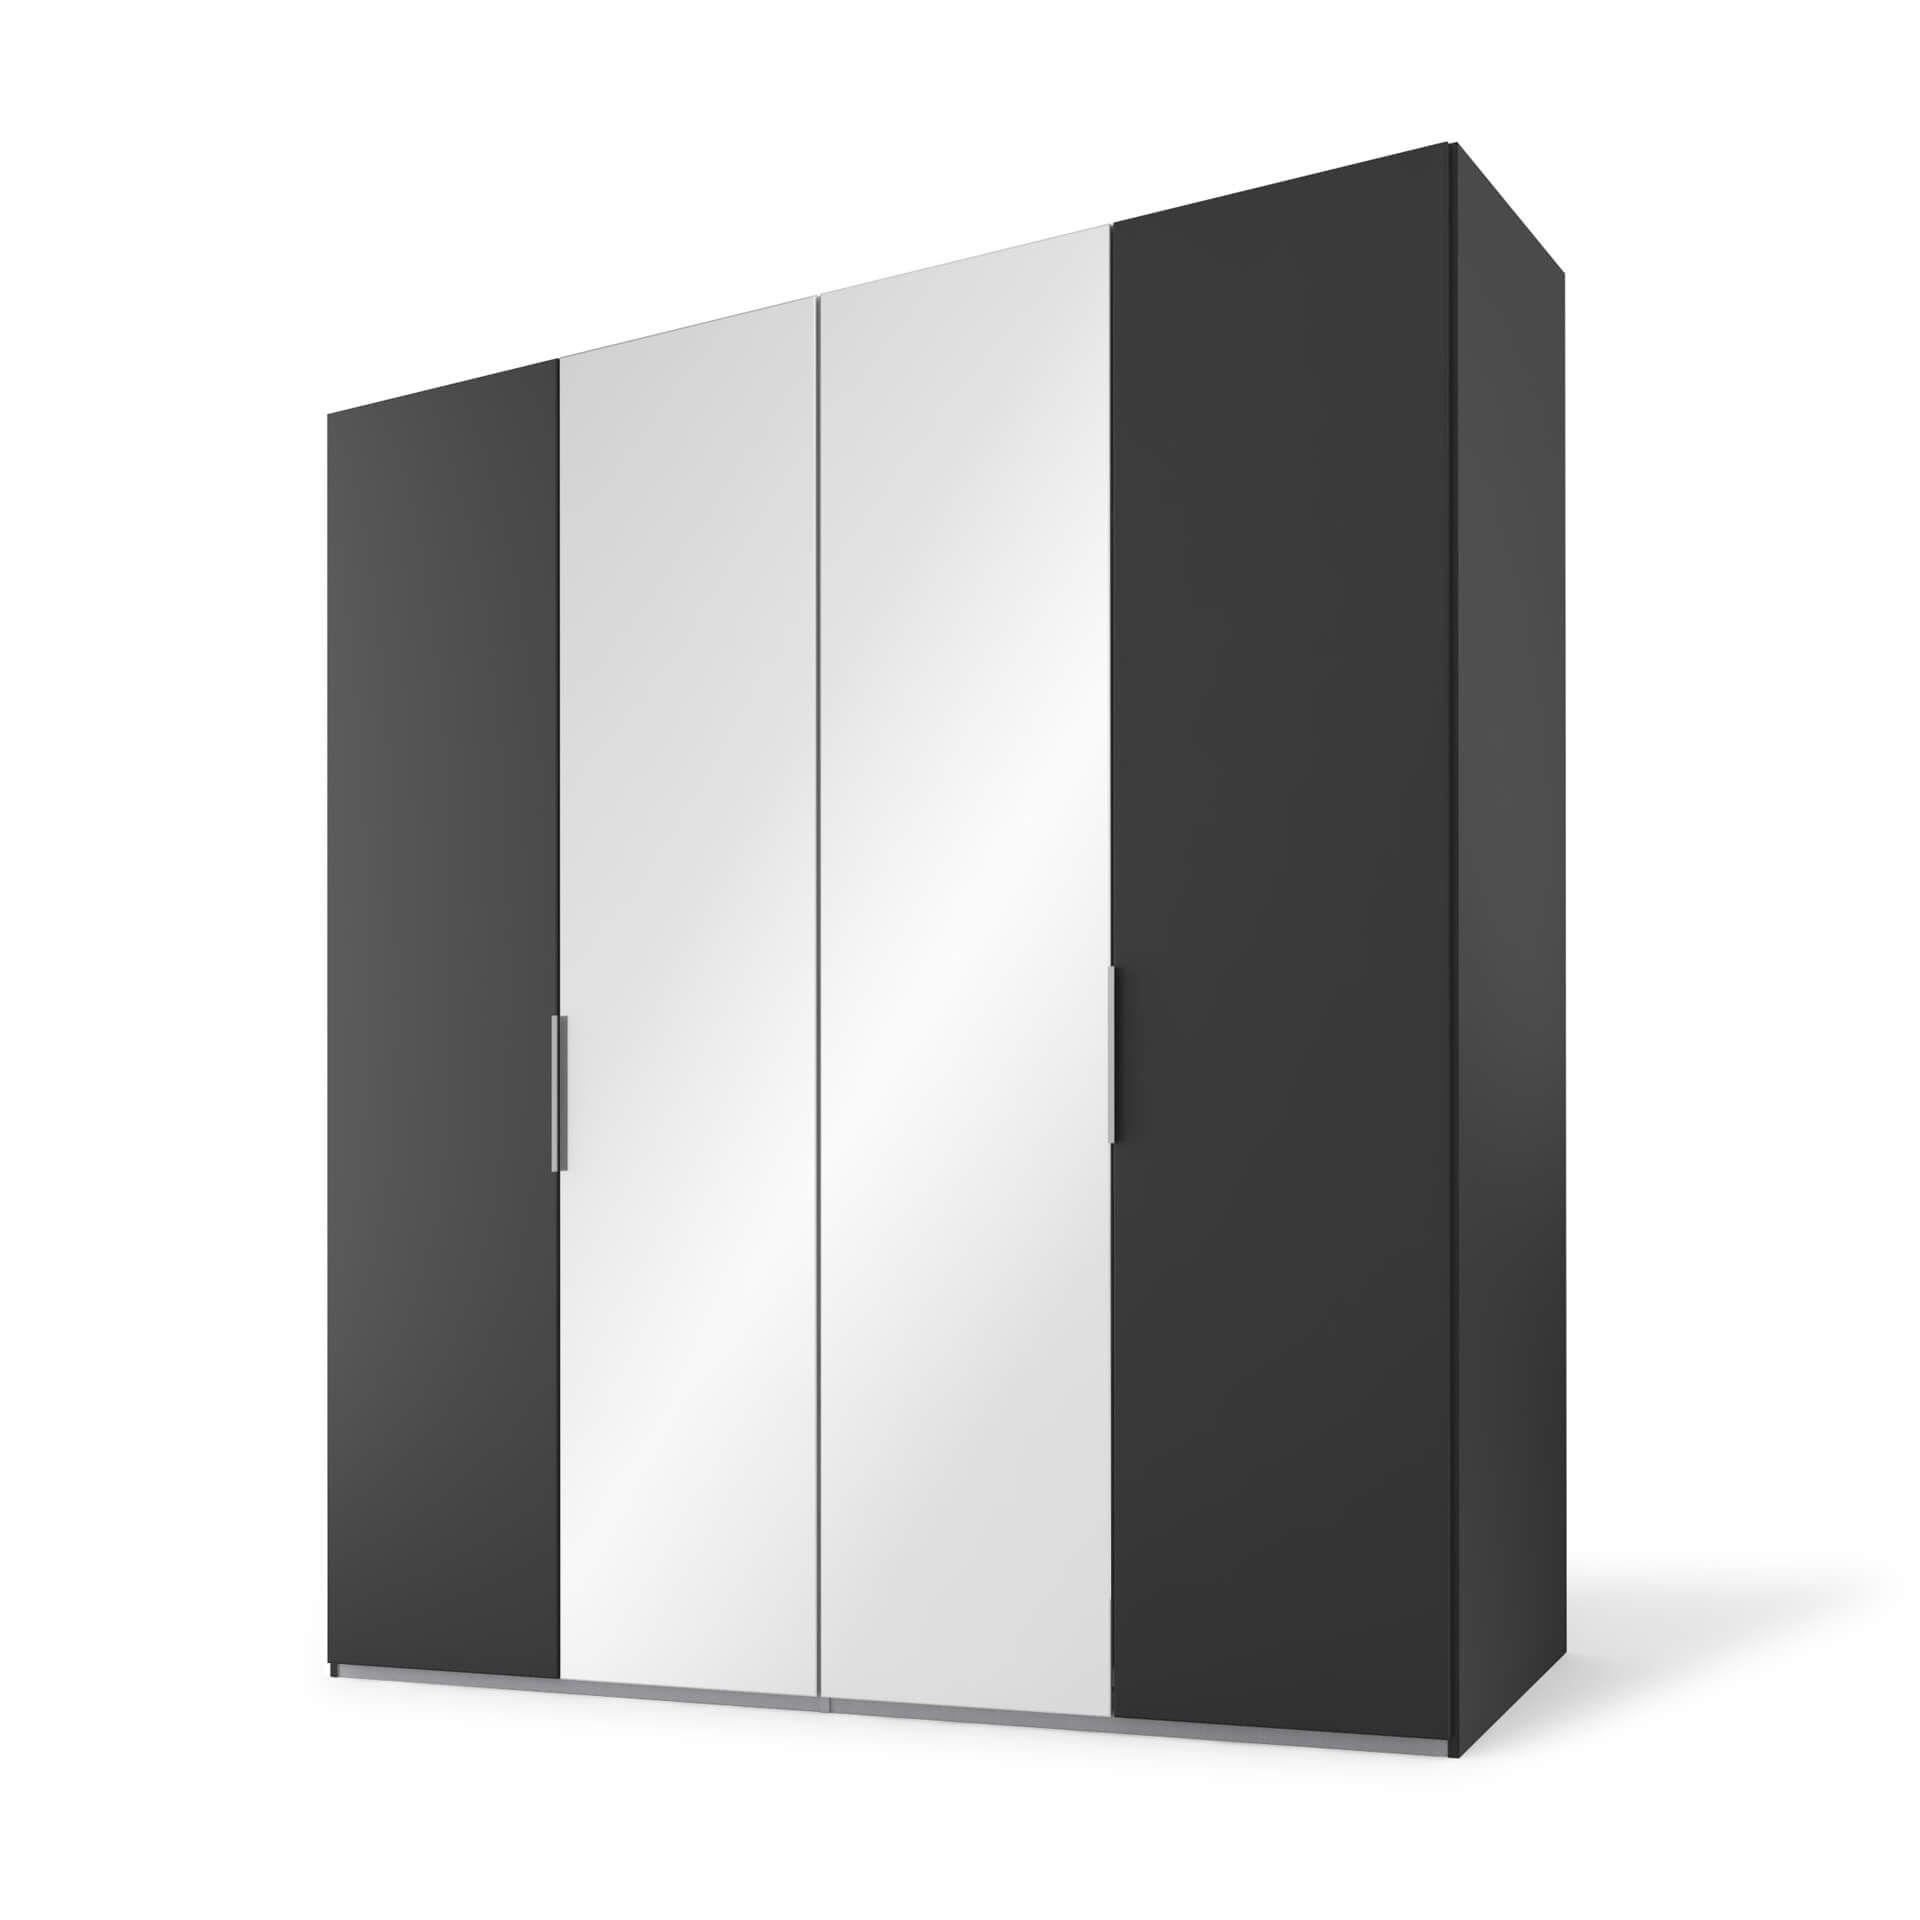 Nolte swift Draaideurkast - 4 deurs Basalt met spi